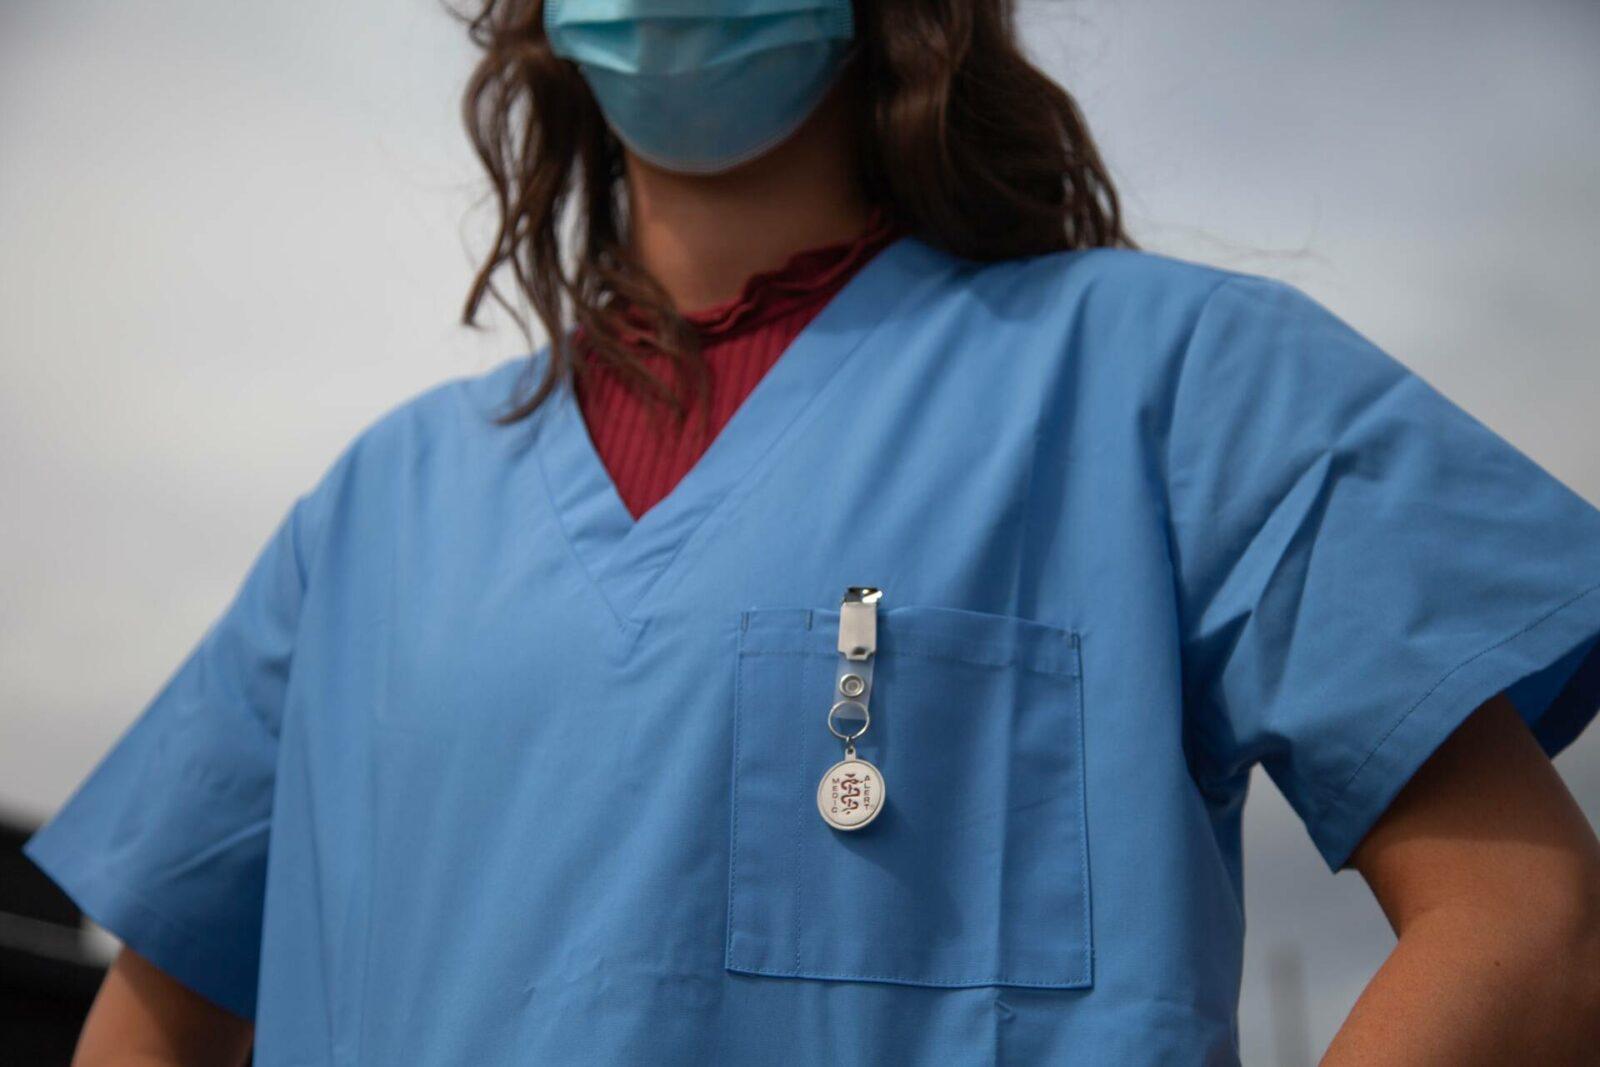 Nữ hộ sinh và Cuộc sống – Những phẩm chất của một y tá mà người mẹ phát triển một cách tự nhiên trong khi nuôi dạy con cái của họ